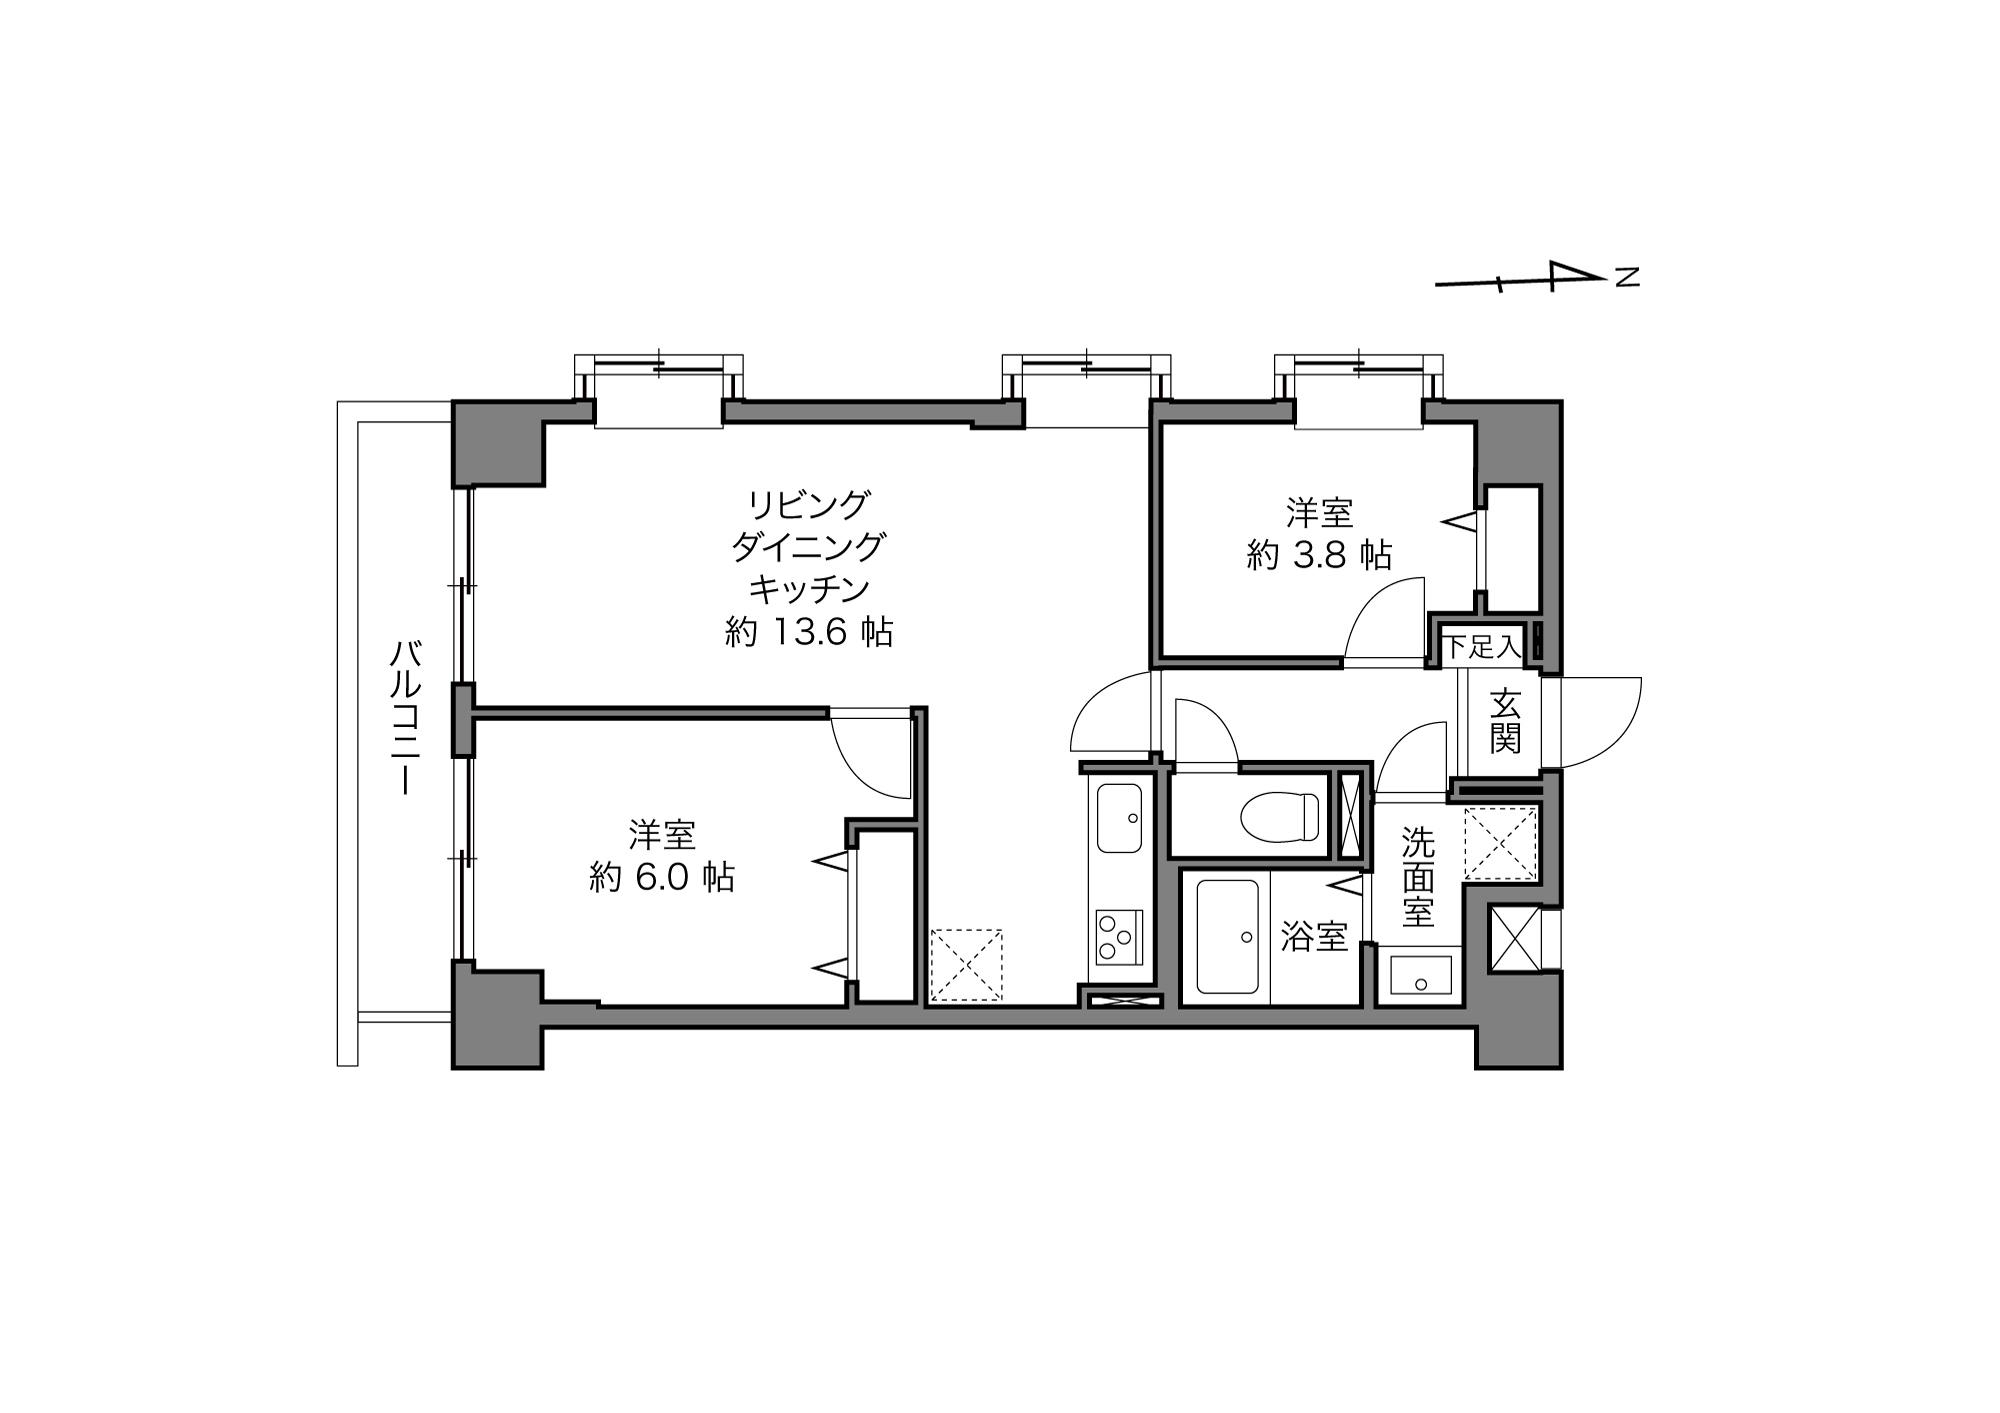 あざみ野駅 / 2LDK / 52.38㎡